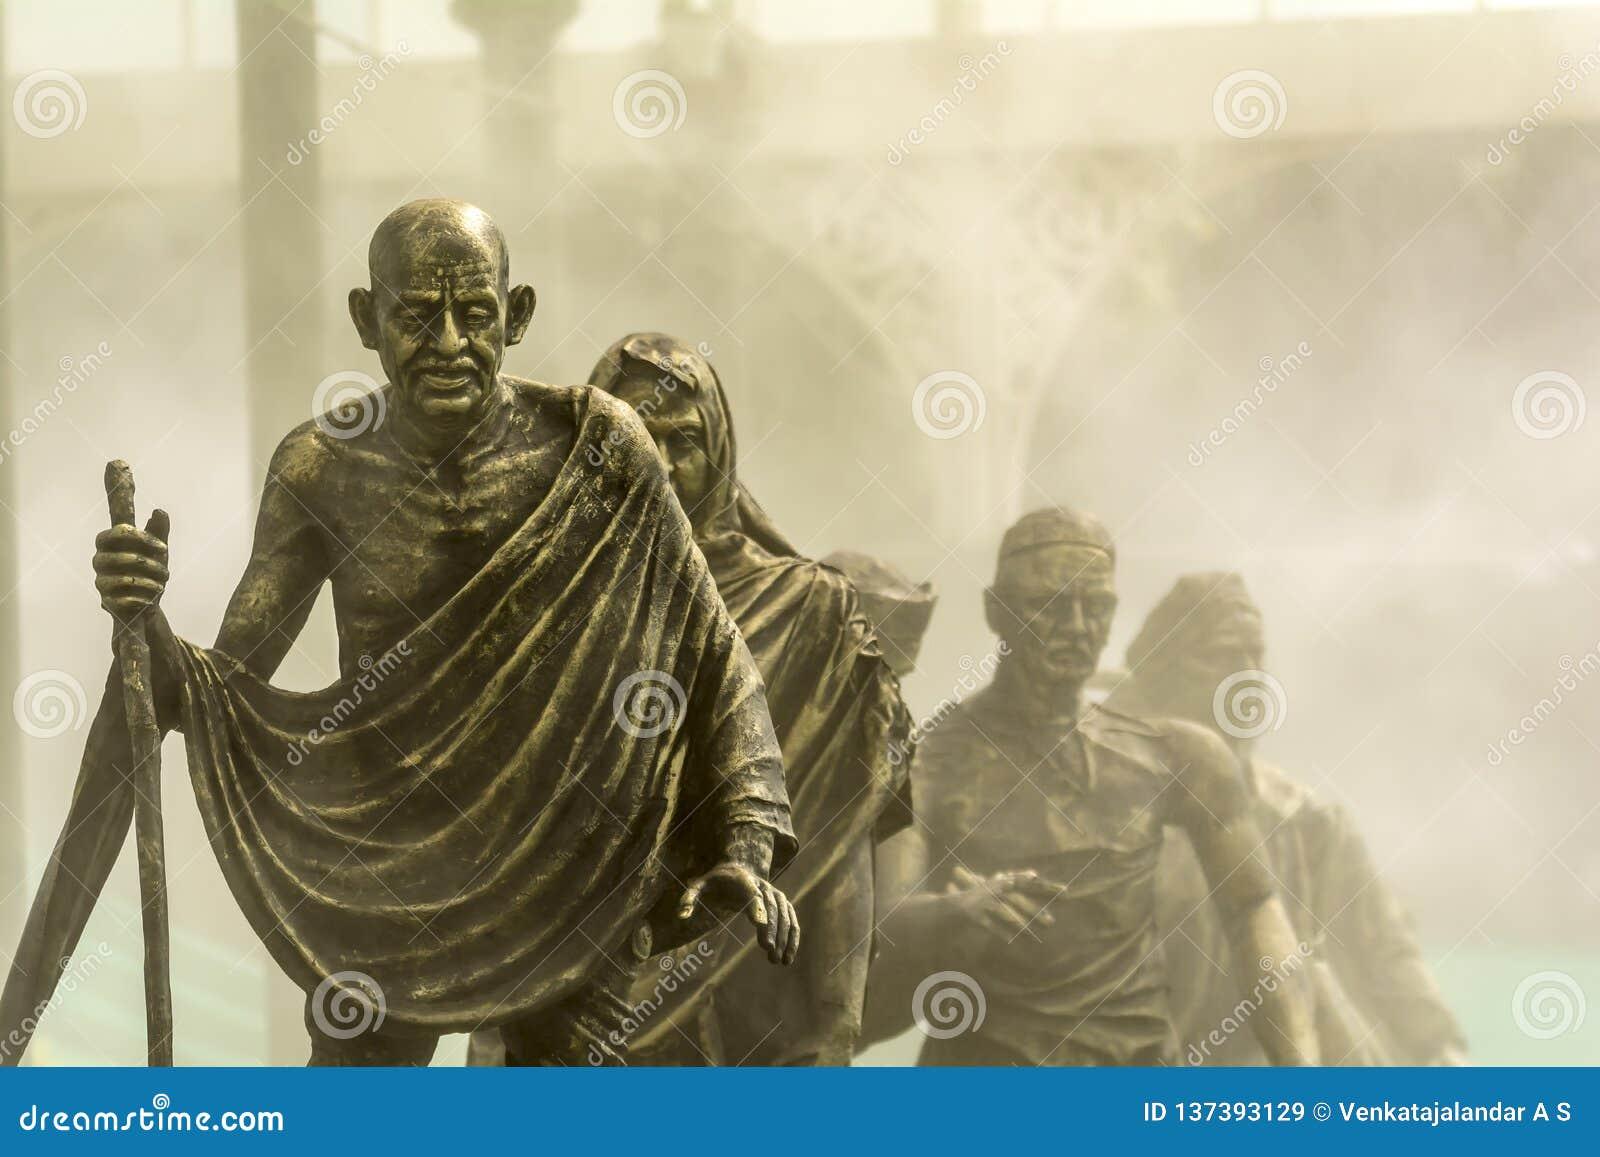 Sal marzo o Dandi marzo llevado por Gandhi en fondo de niebla